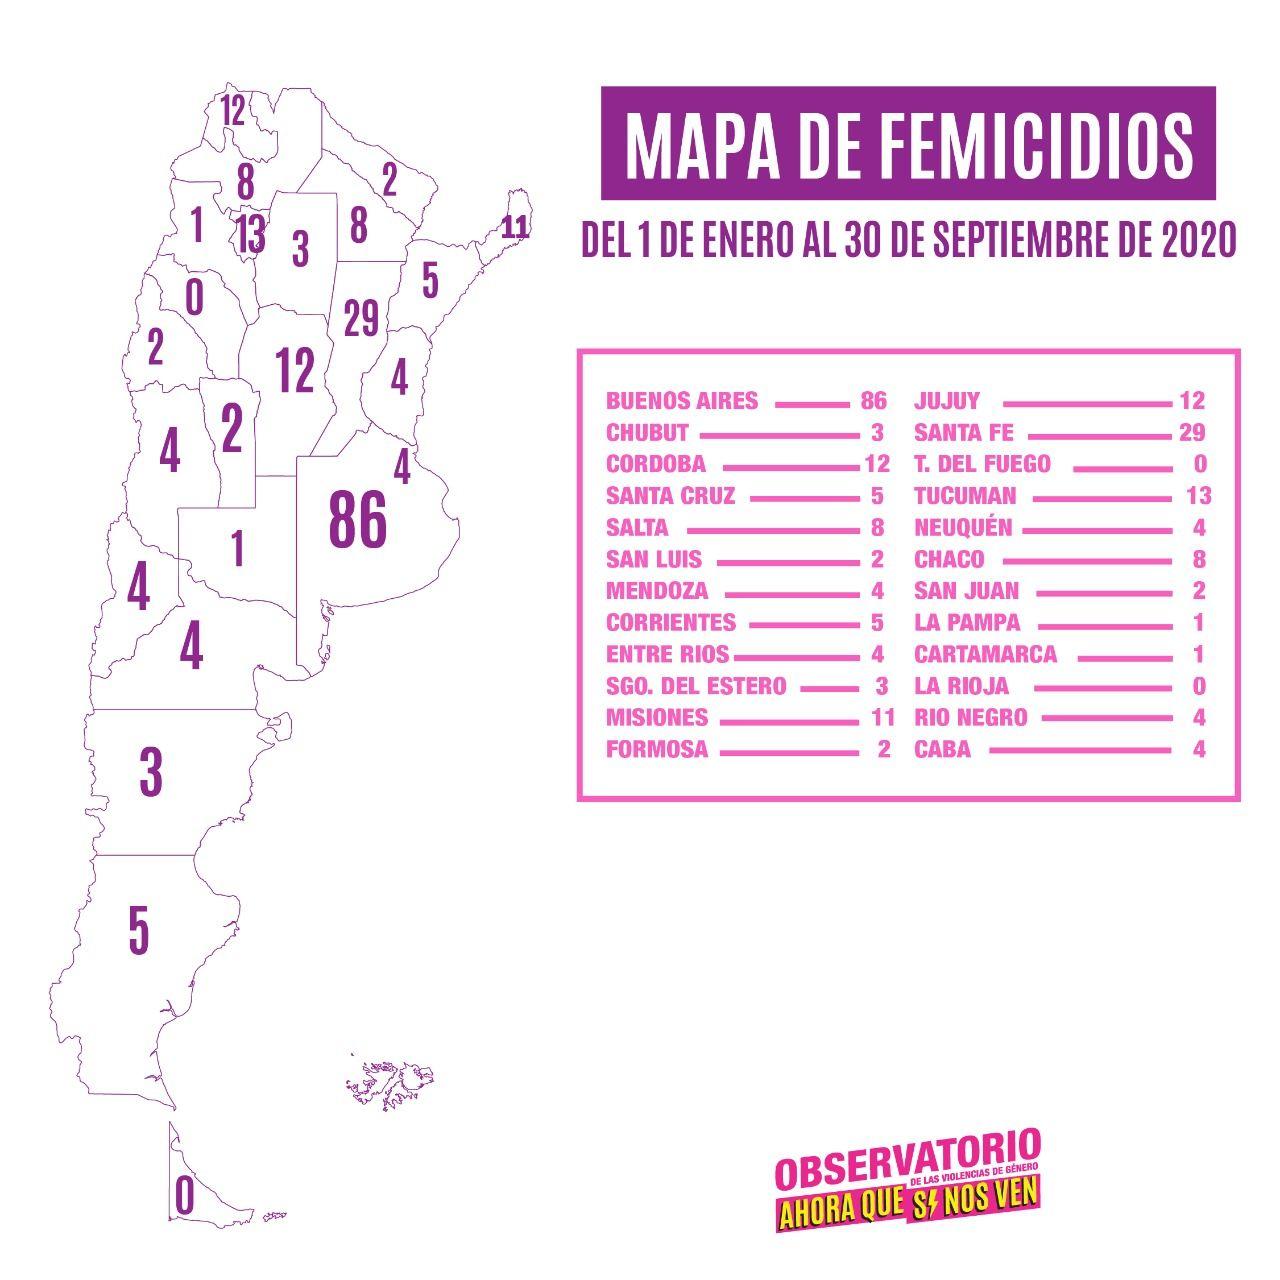 Mapa de femicidios: Chaco y Salta 8, Corrientes y Santa Cruz 5 y el resto 4 o menos